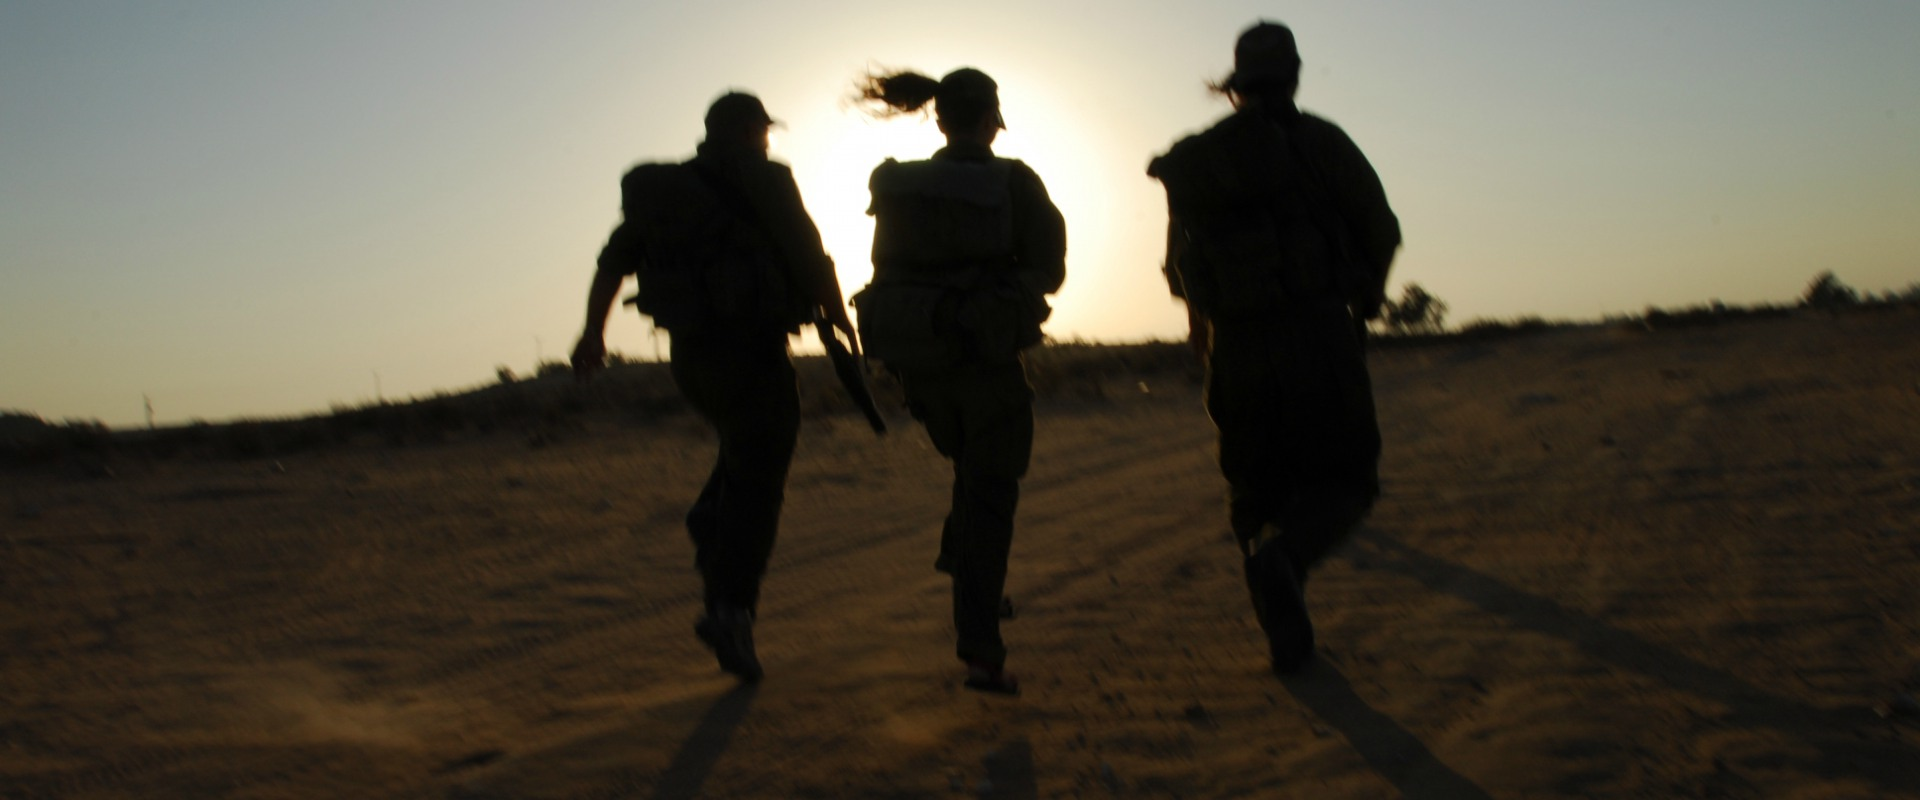 חיילות בתרגיל צבאי